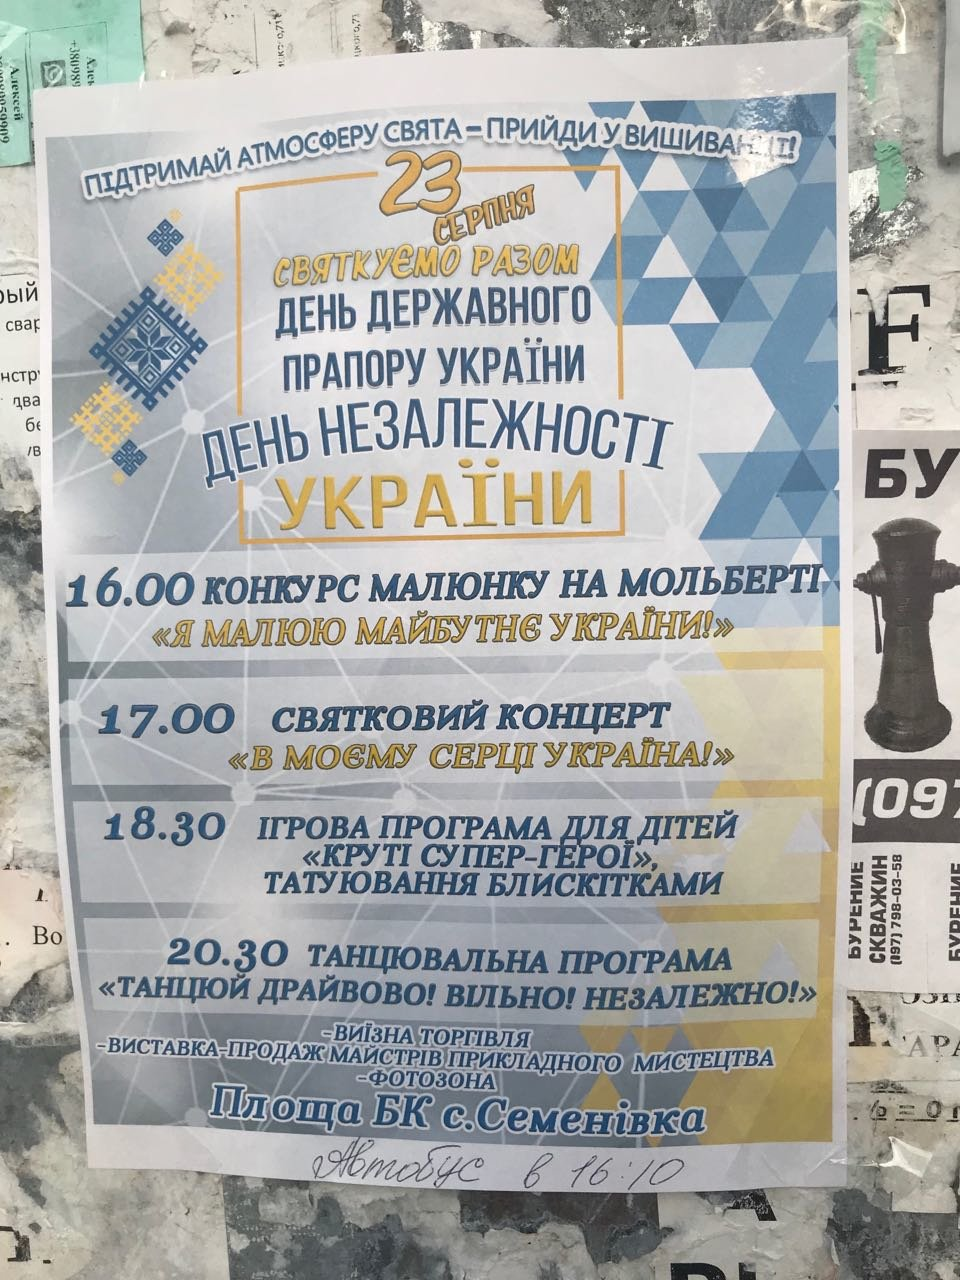 В селе Мелитопольского района отметят сразу два праздника, фото-1